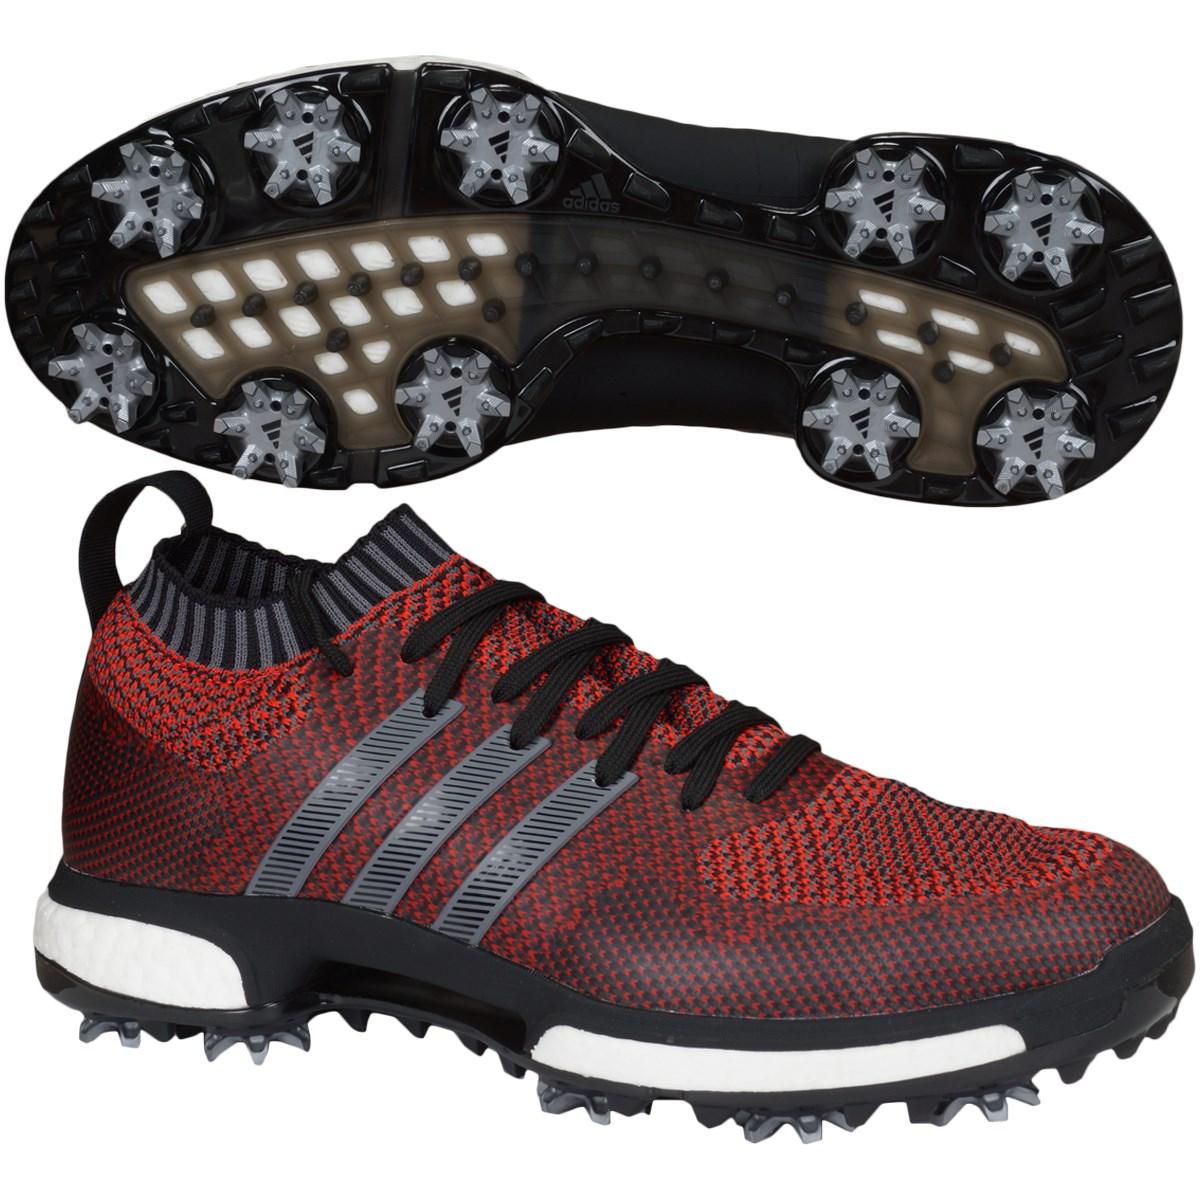 [値下げしました] アディダス adidas ツアー360 ニットシューズ レッド/コアブラック/グレーファイブ メンズ ゴルフ